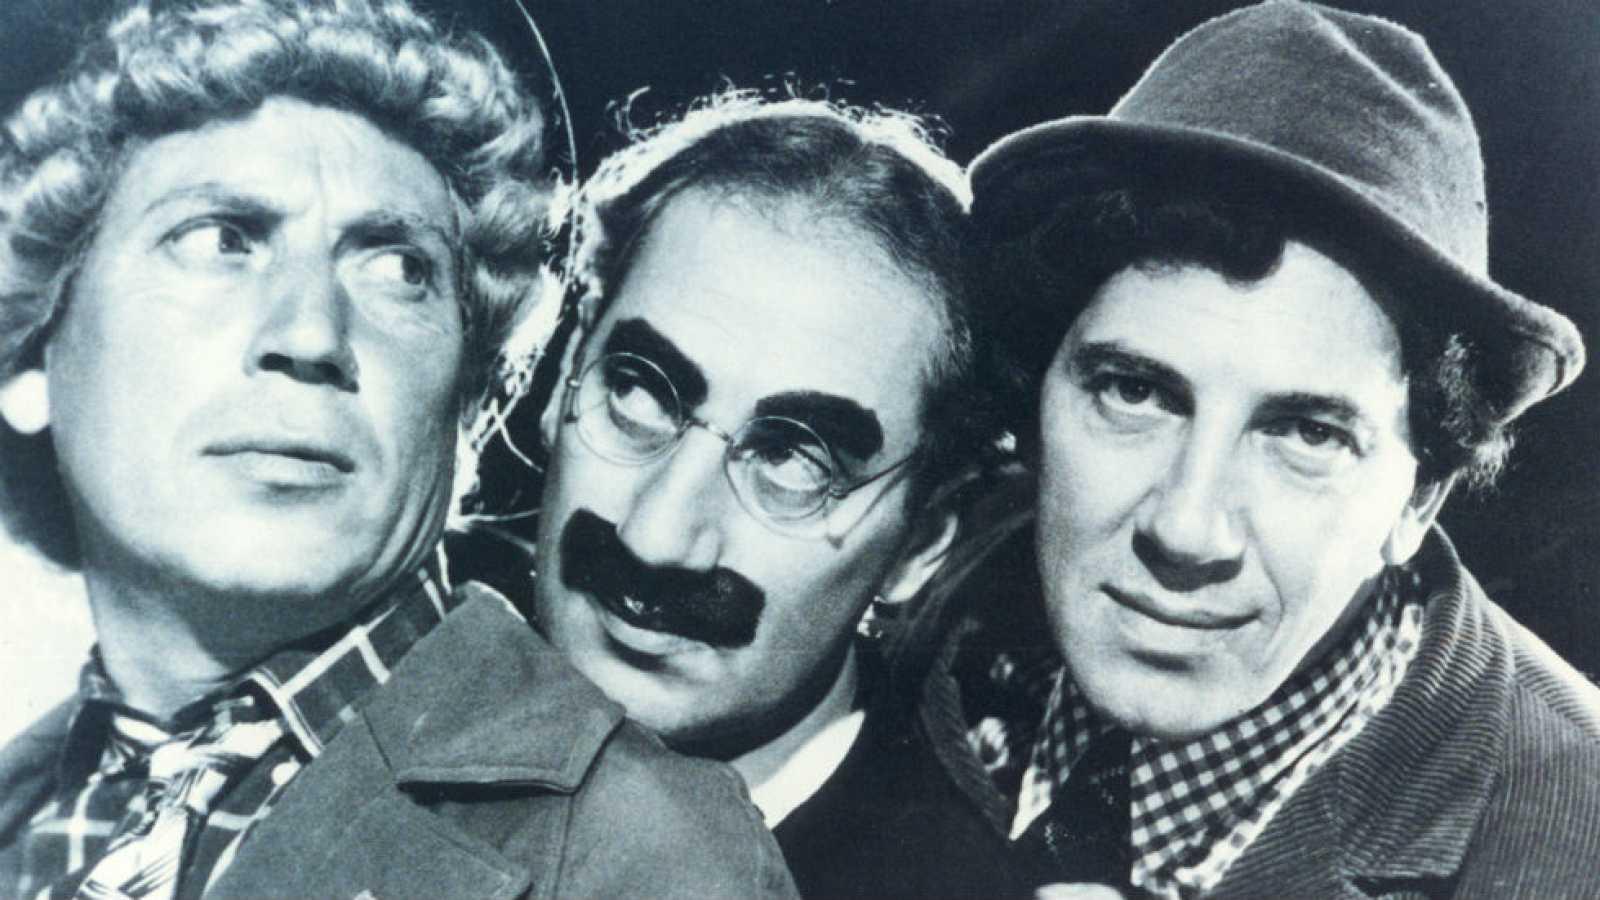 De película - El maravilloso mundo de los hermanos Marx